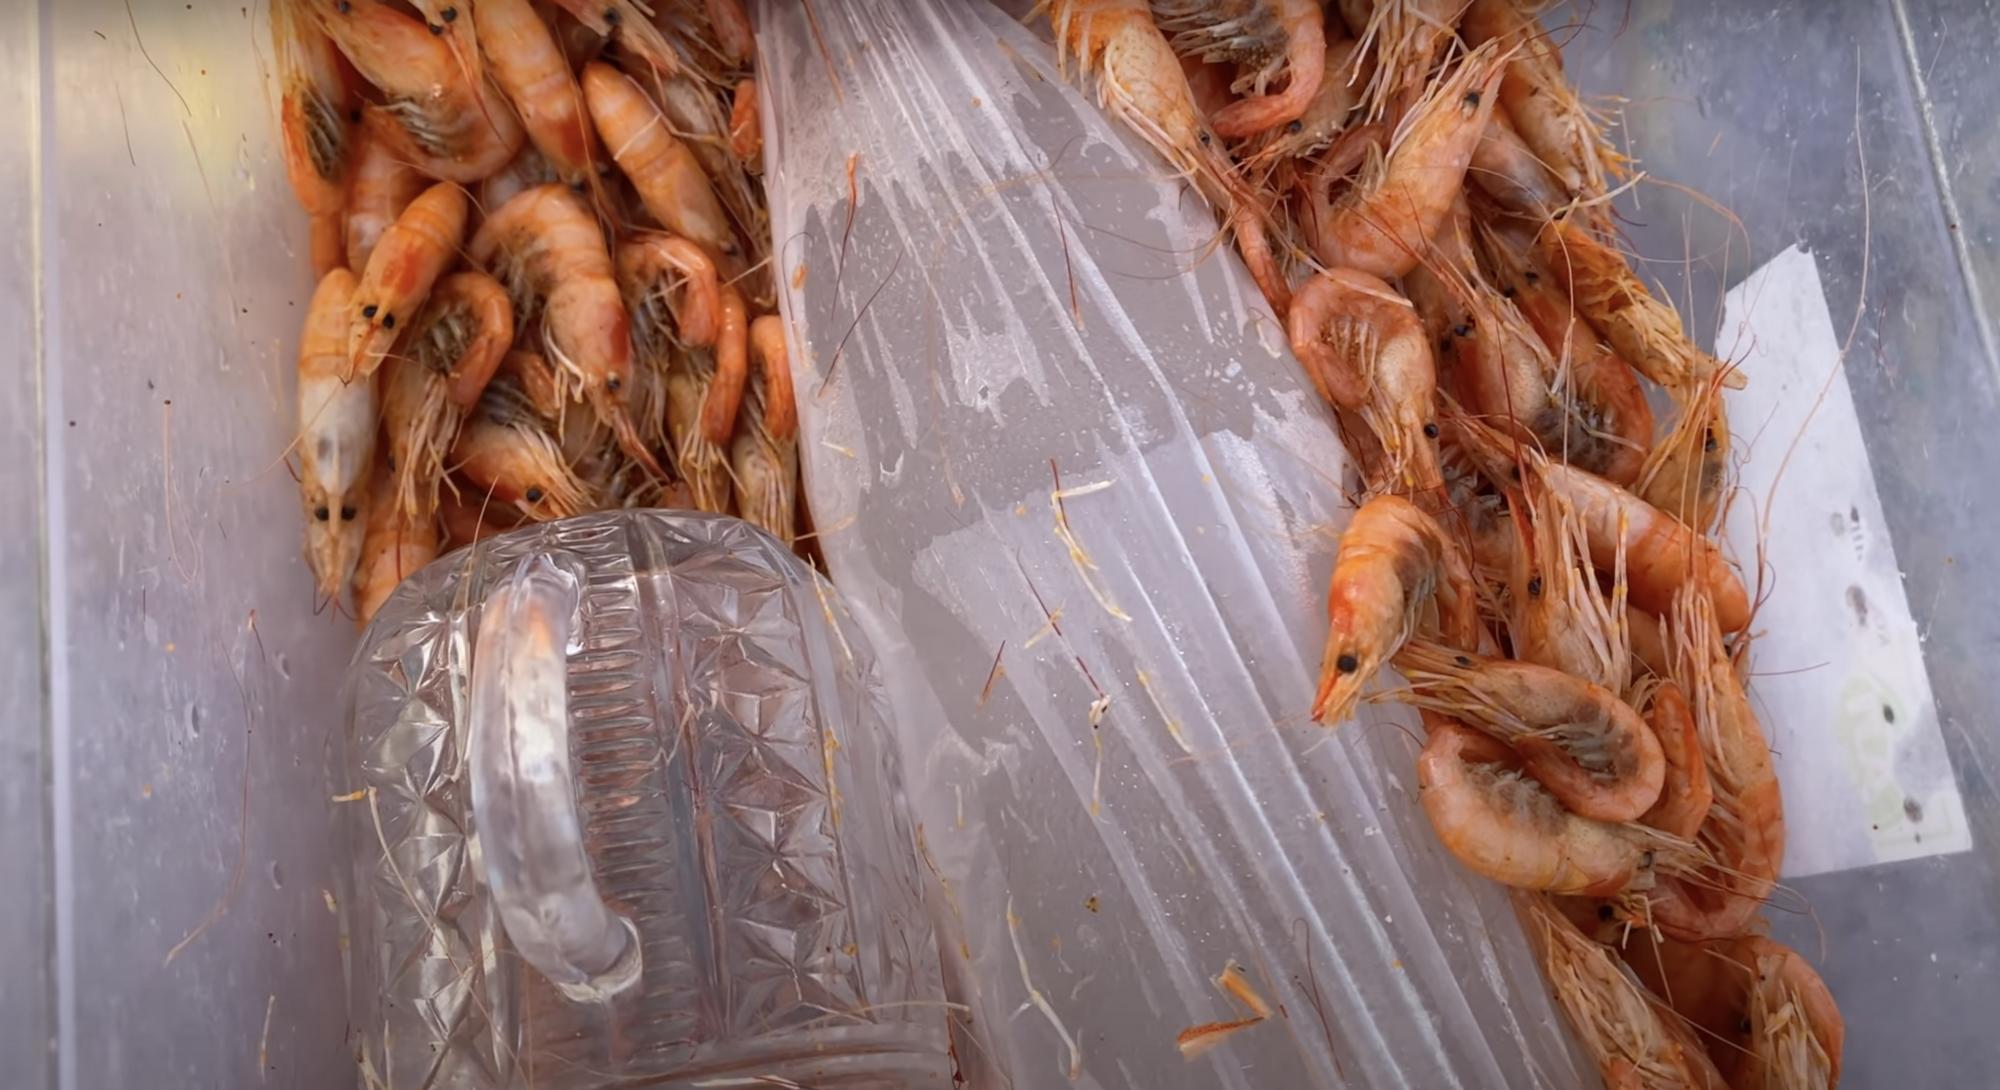 Цены на морские вкусности повысились.